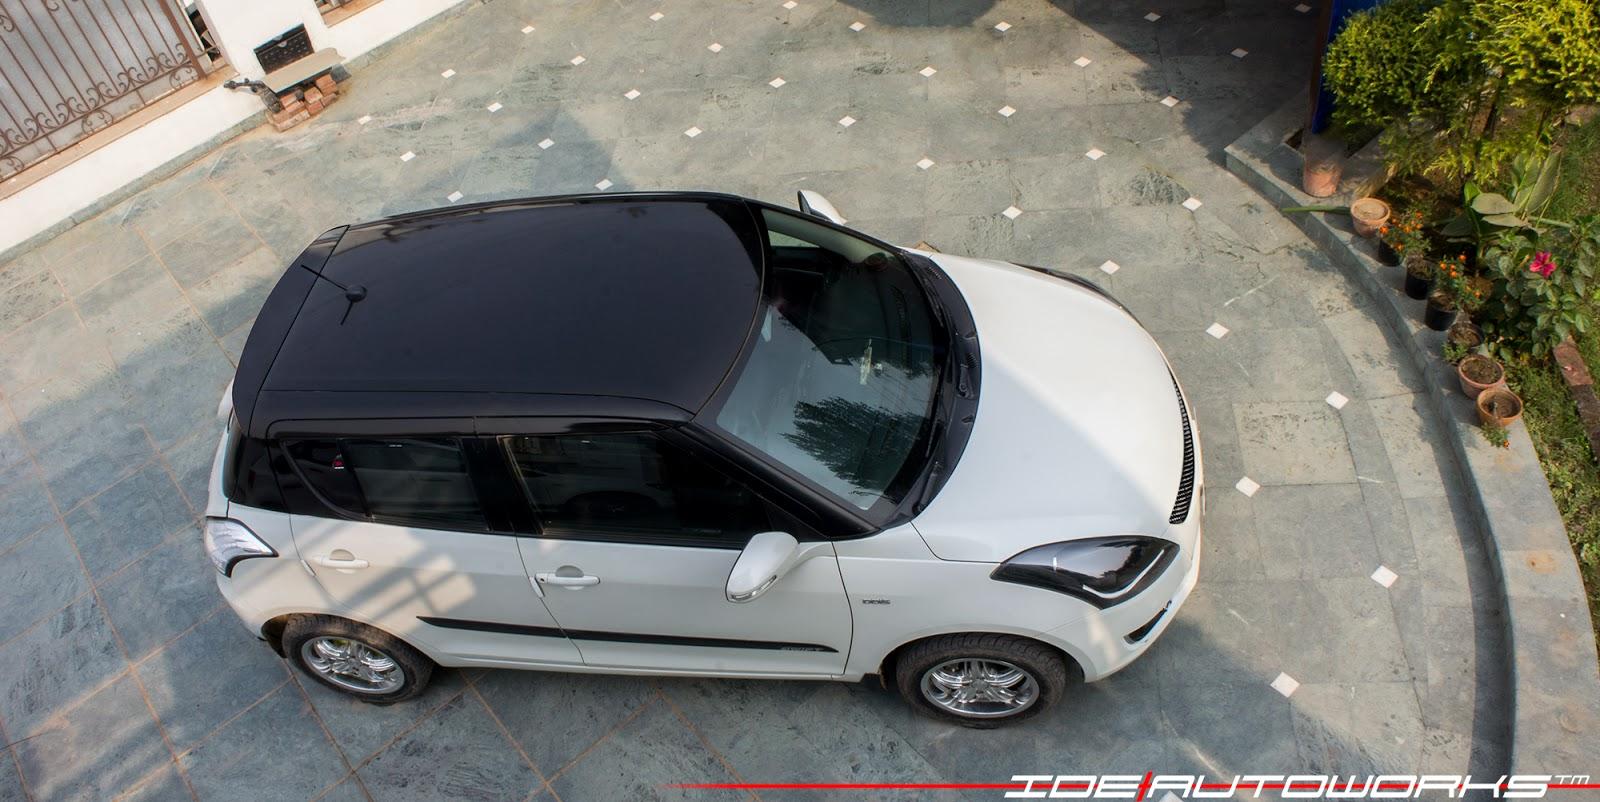 Maruti Suzuki Swift Two Tone Ide Autoworks